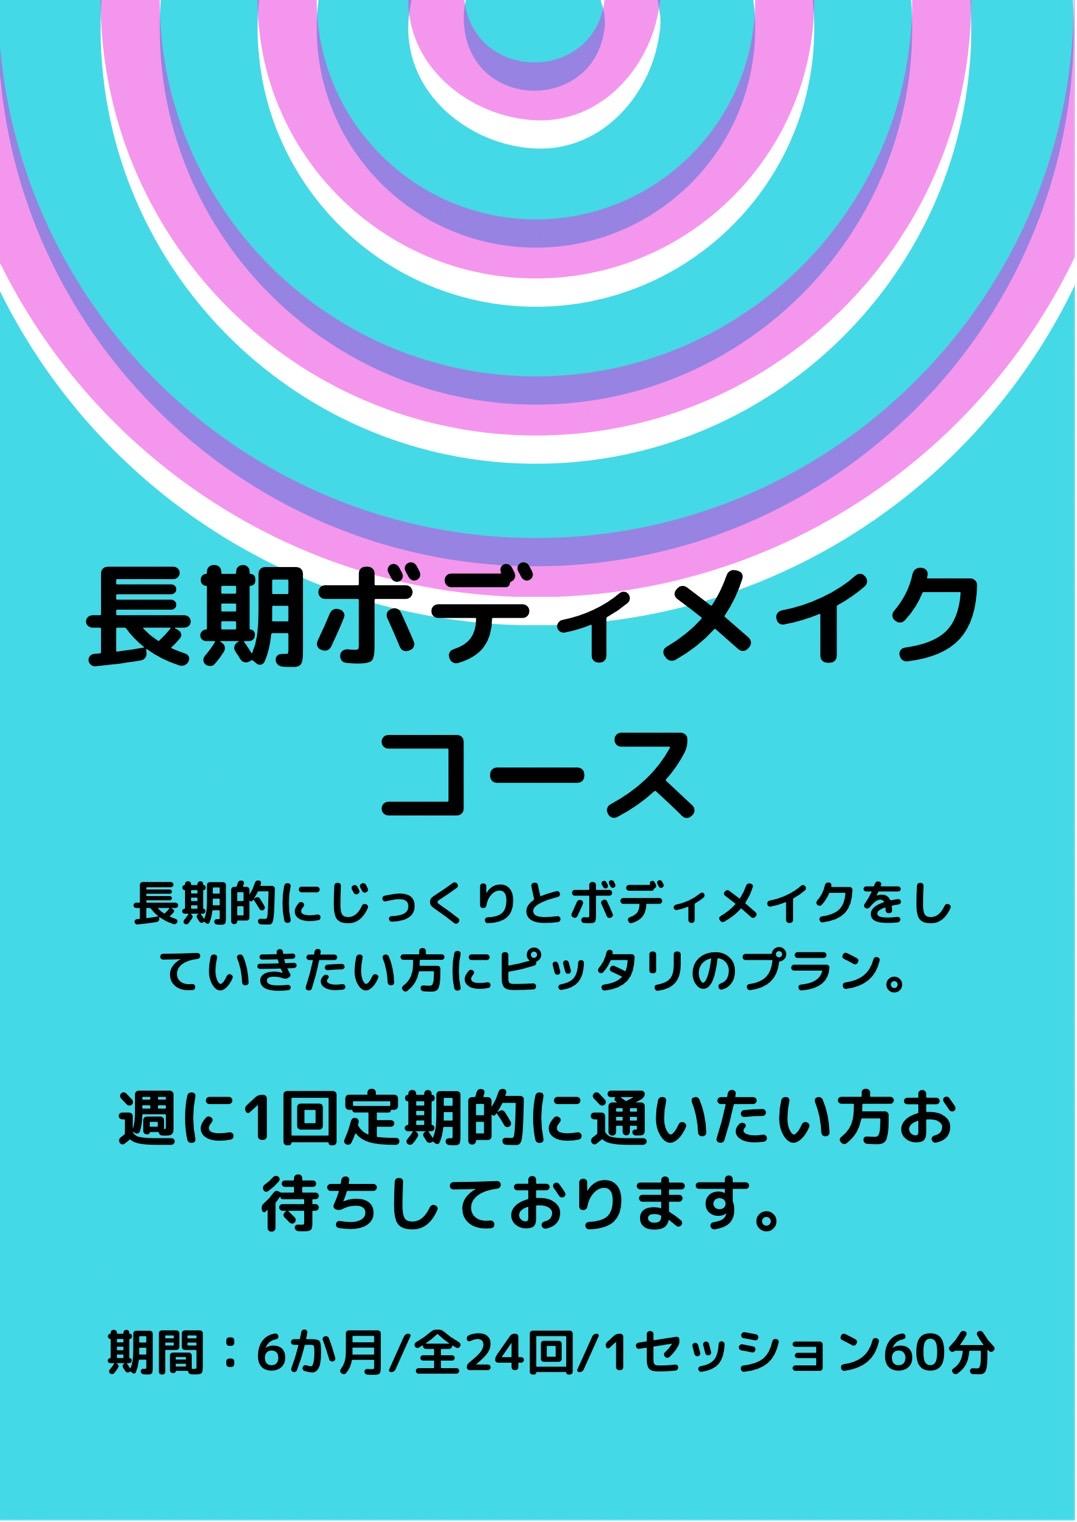 コース紹介(長期ボディメイクコース)